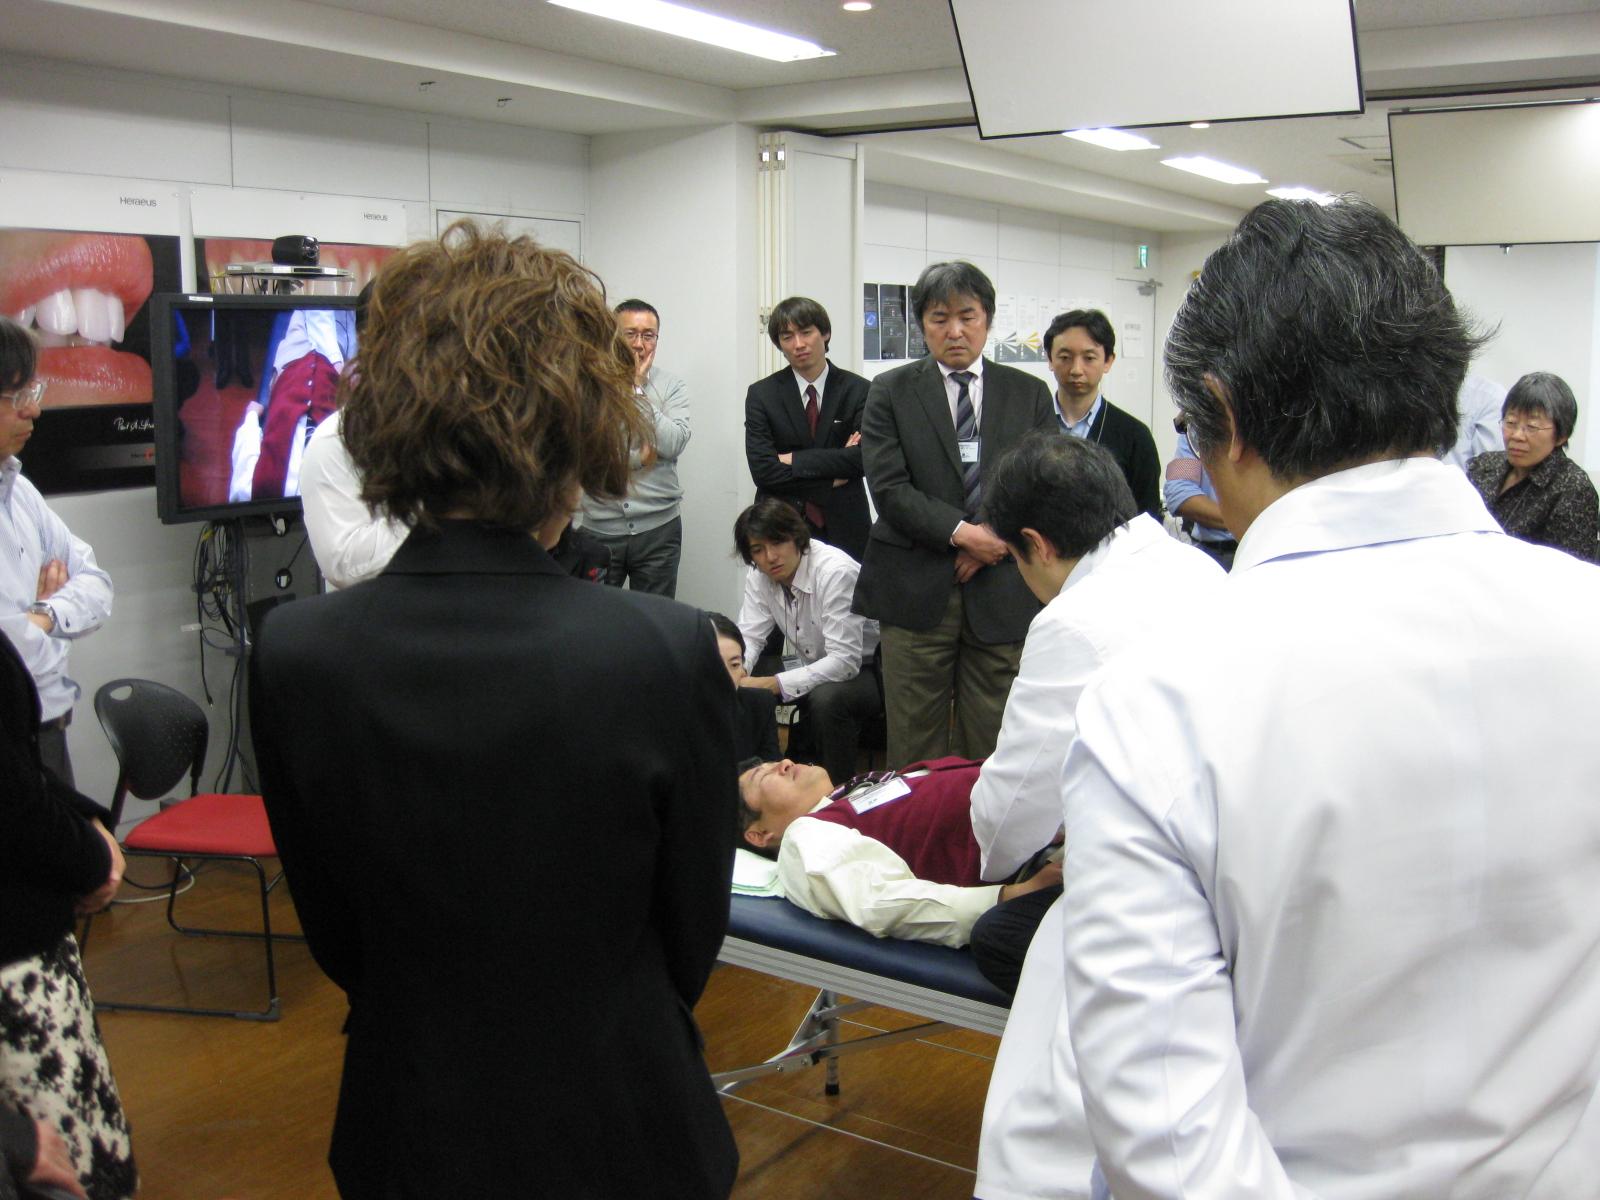 小出教授とスタッフの鈴木です。